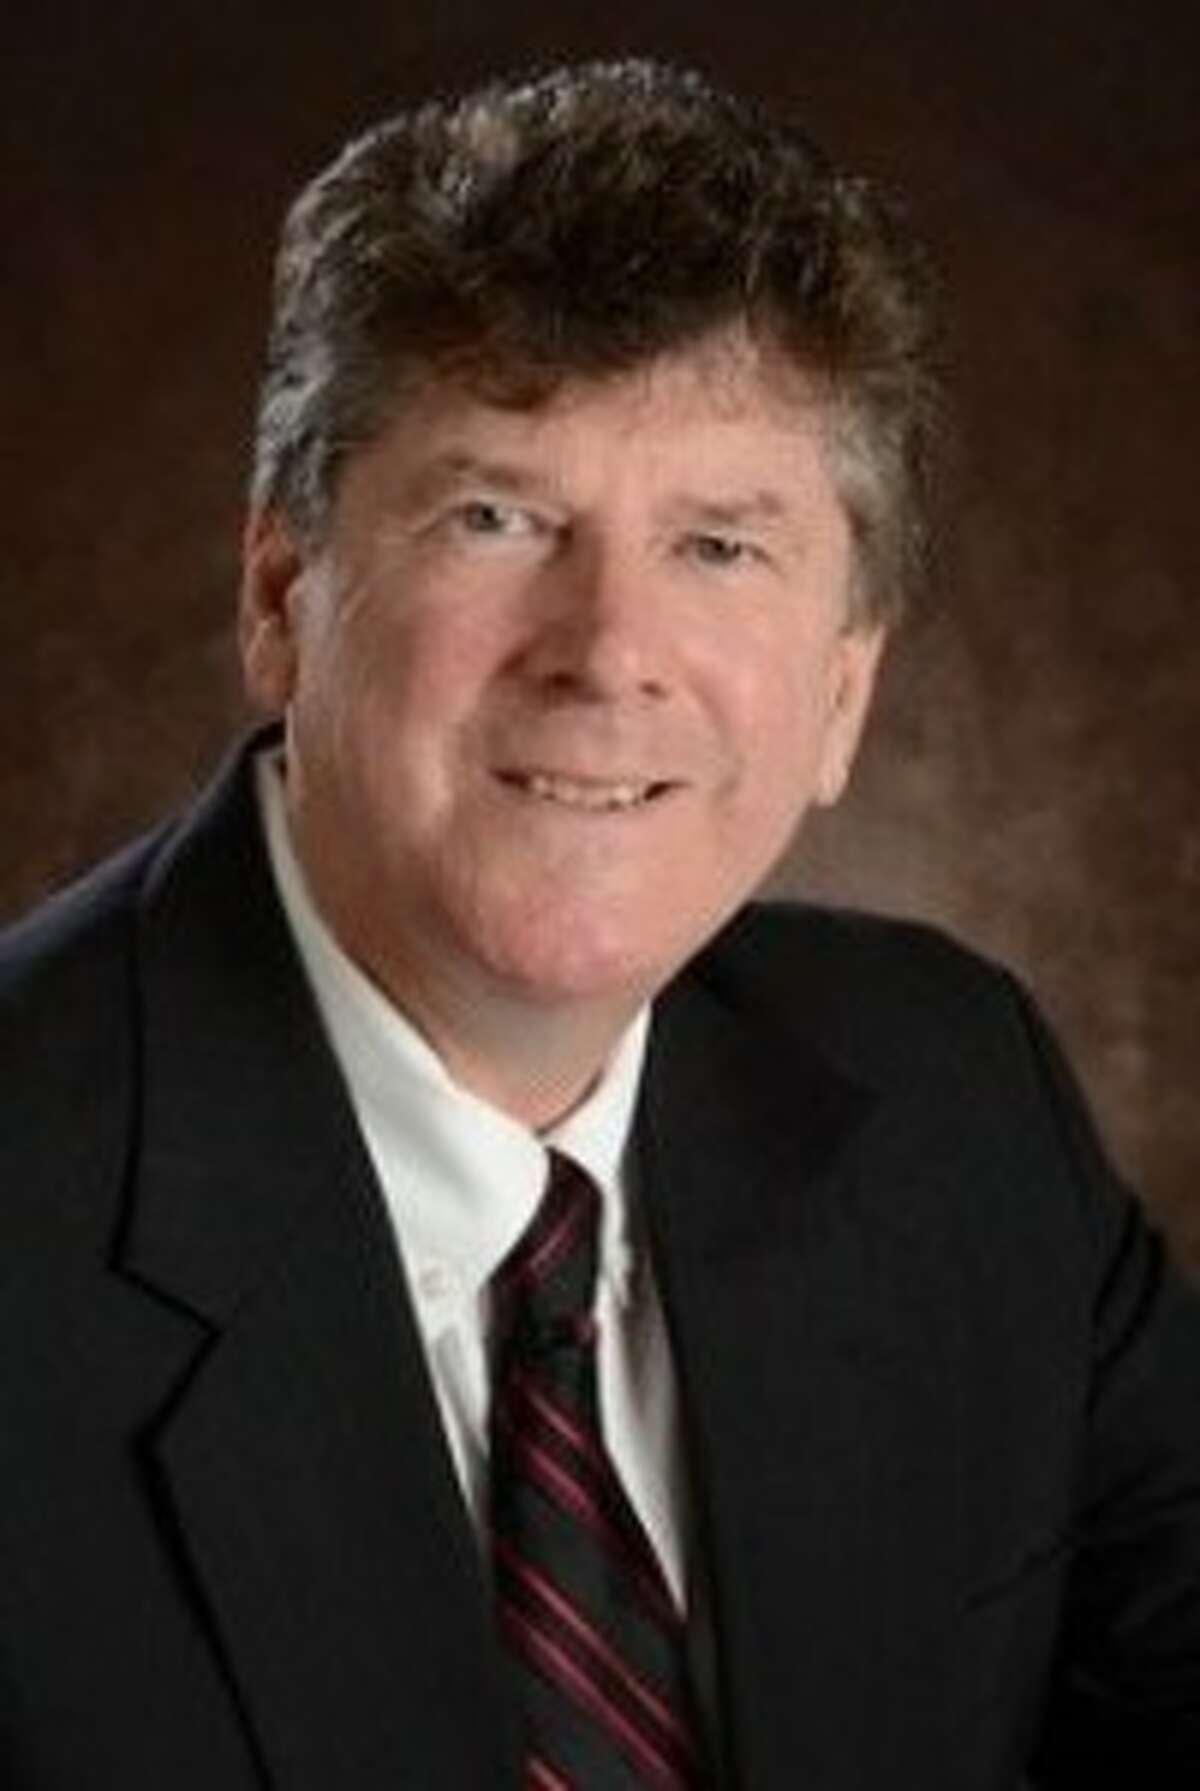 William McTygue